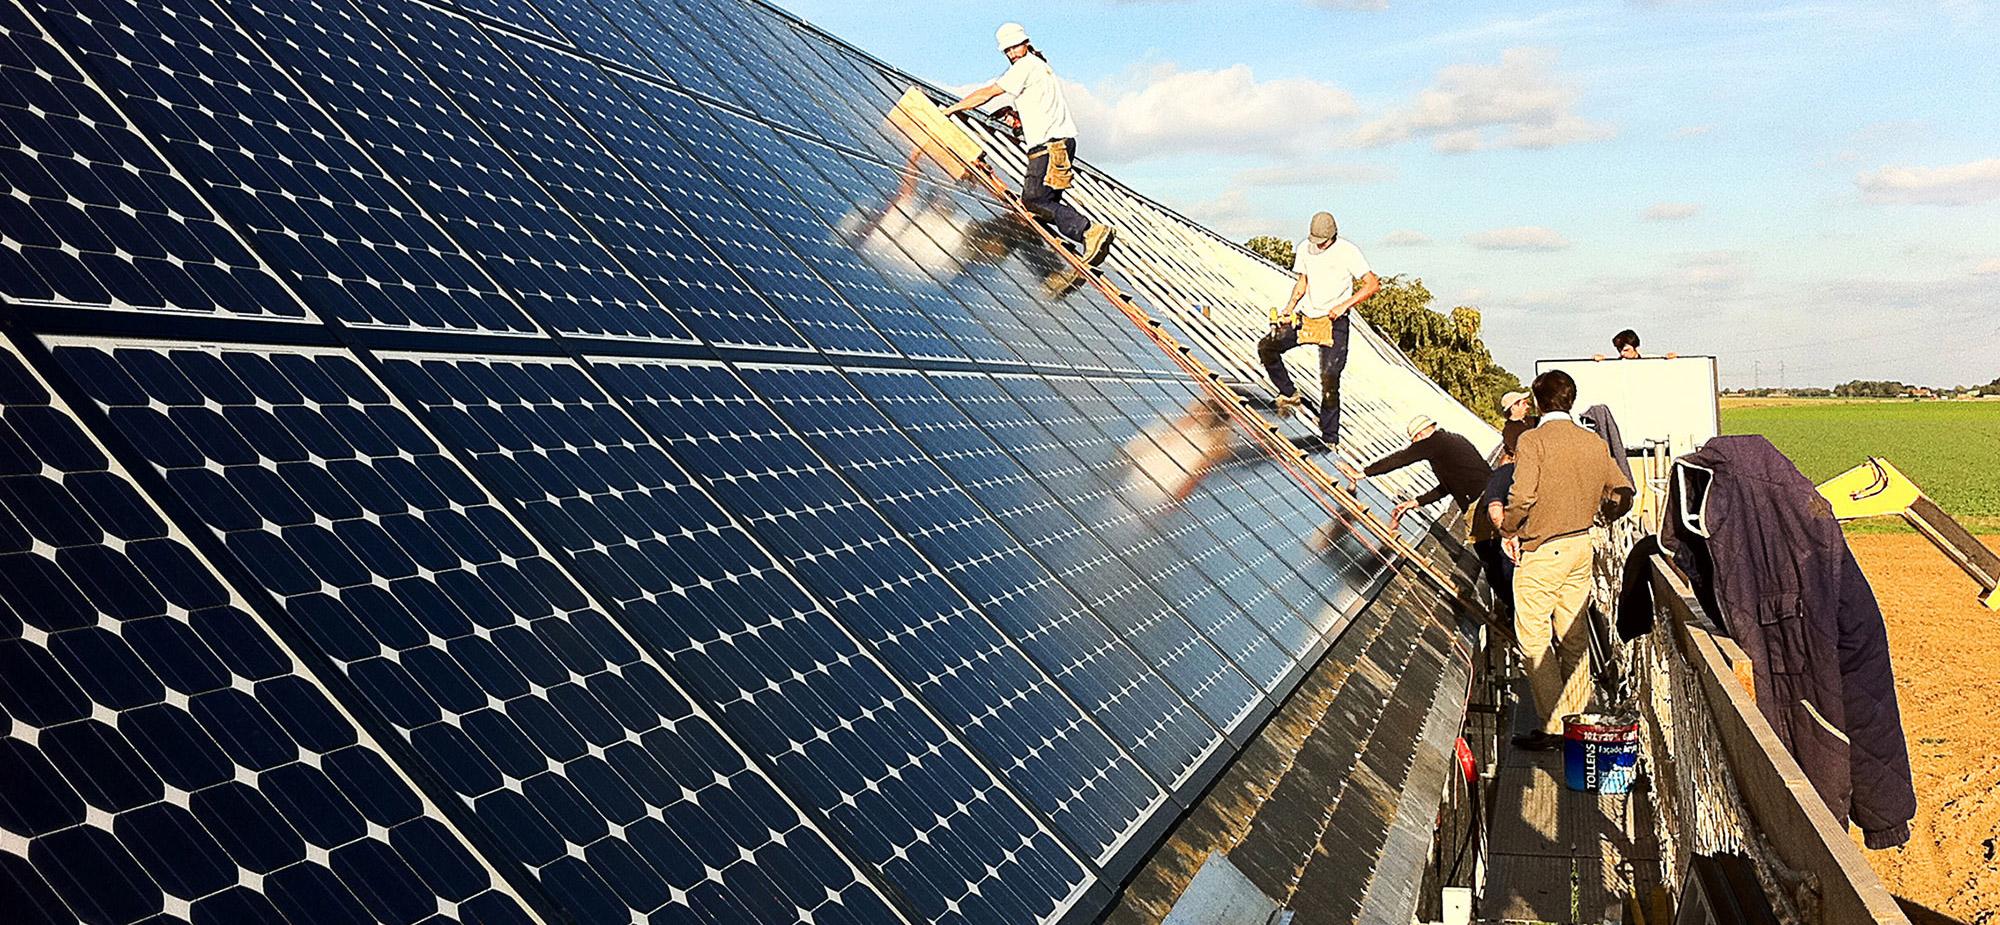 Spécialiste de la maintenance photovoltaïque